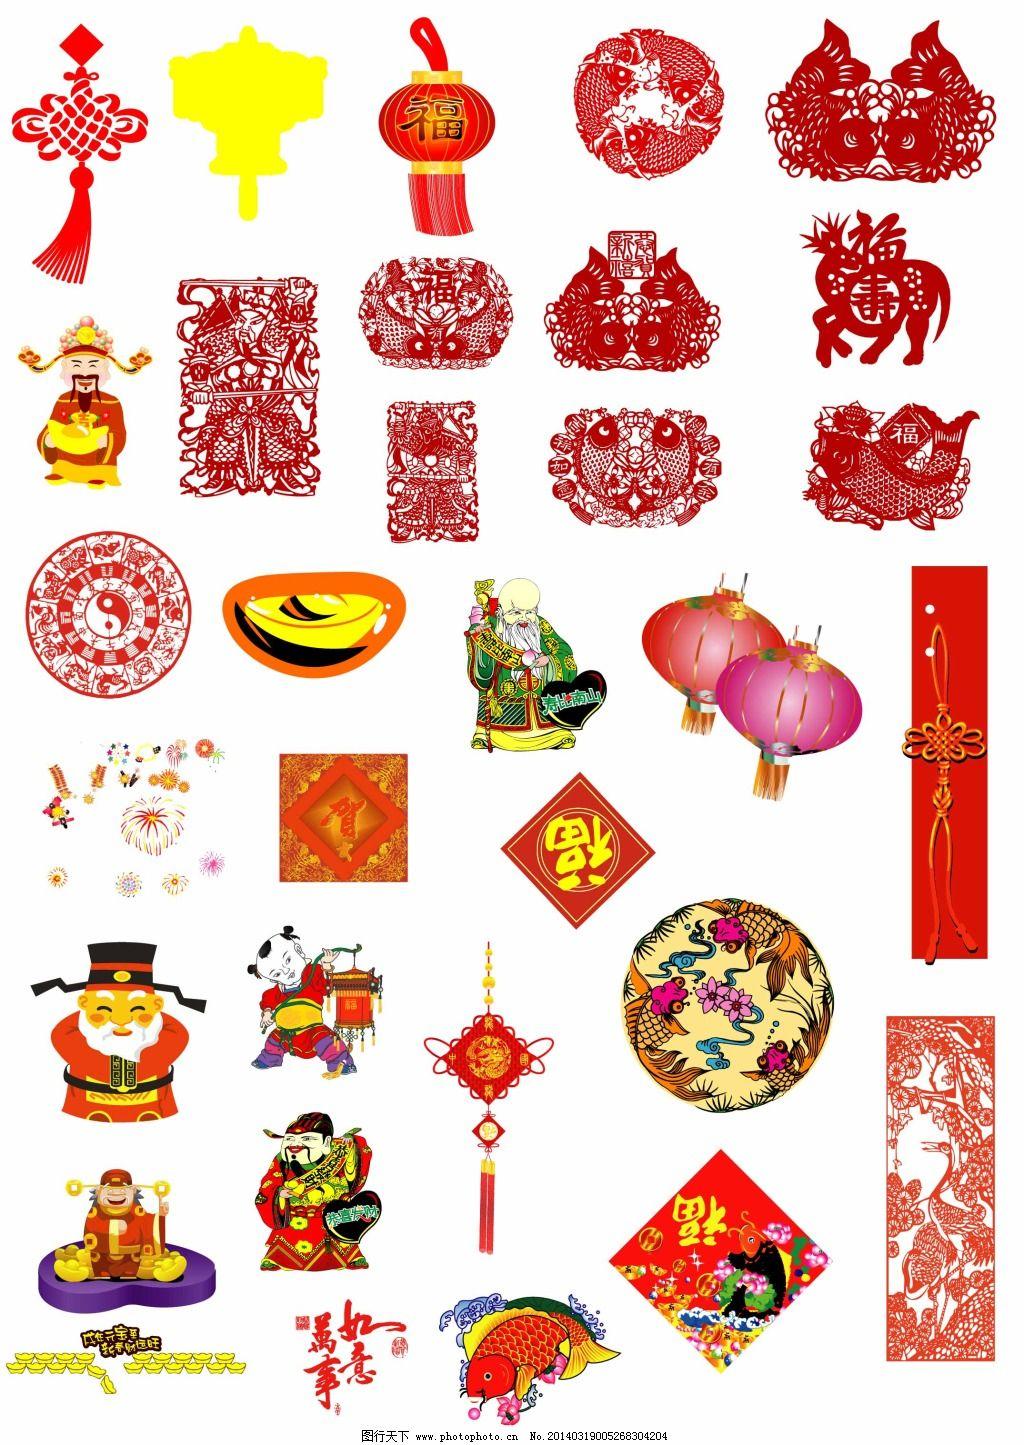 中国元素 灯笼 福字 财神 剪纸 传统 中国元素 中国结 太极 矢量图 花